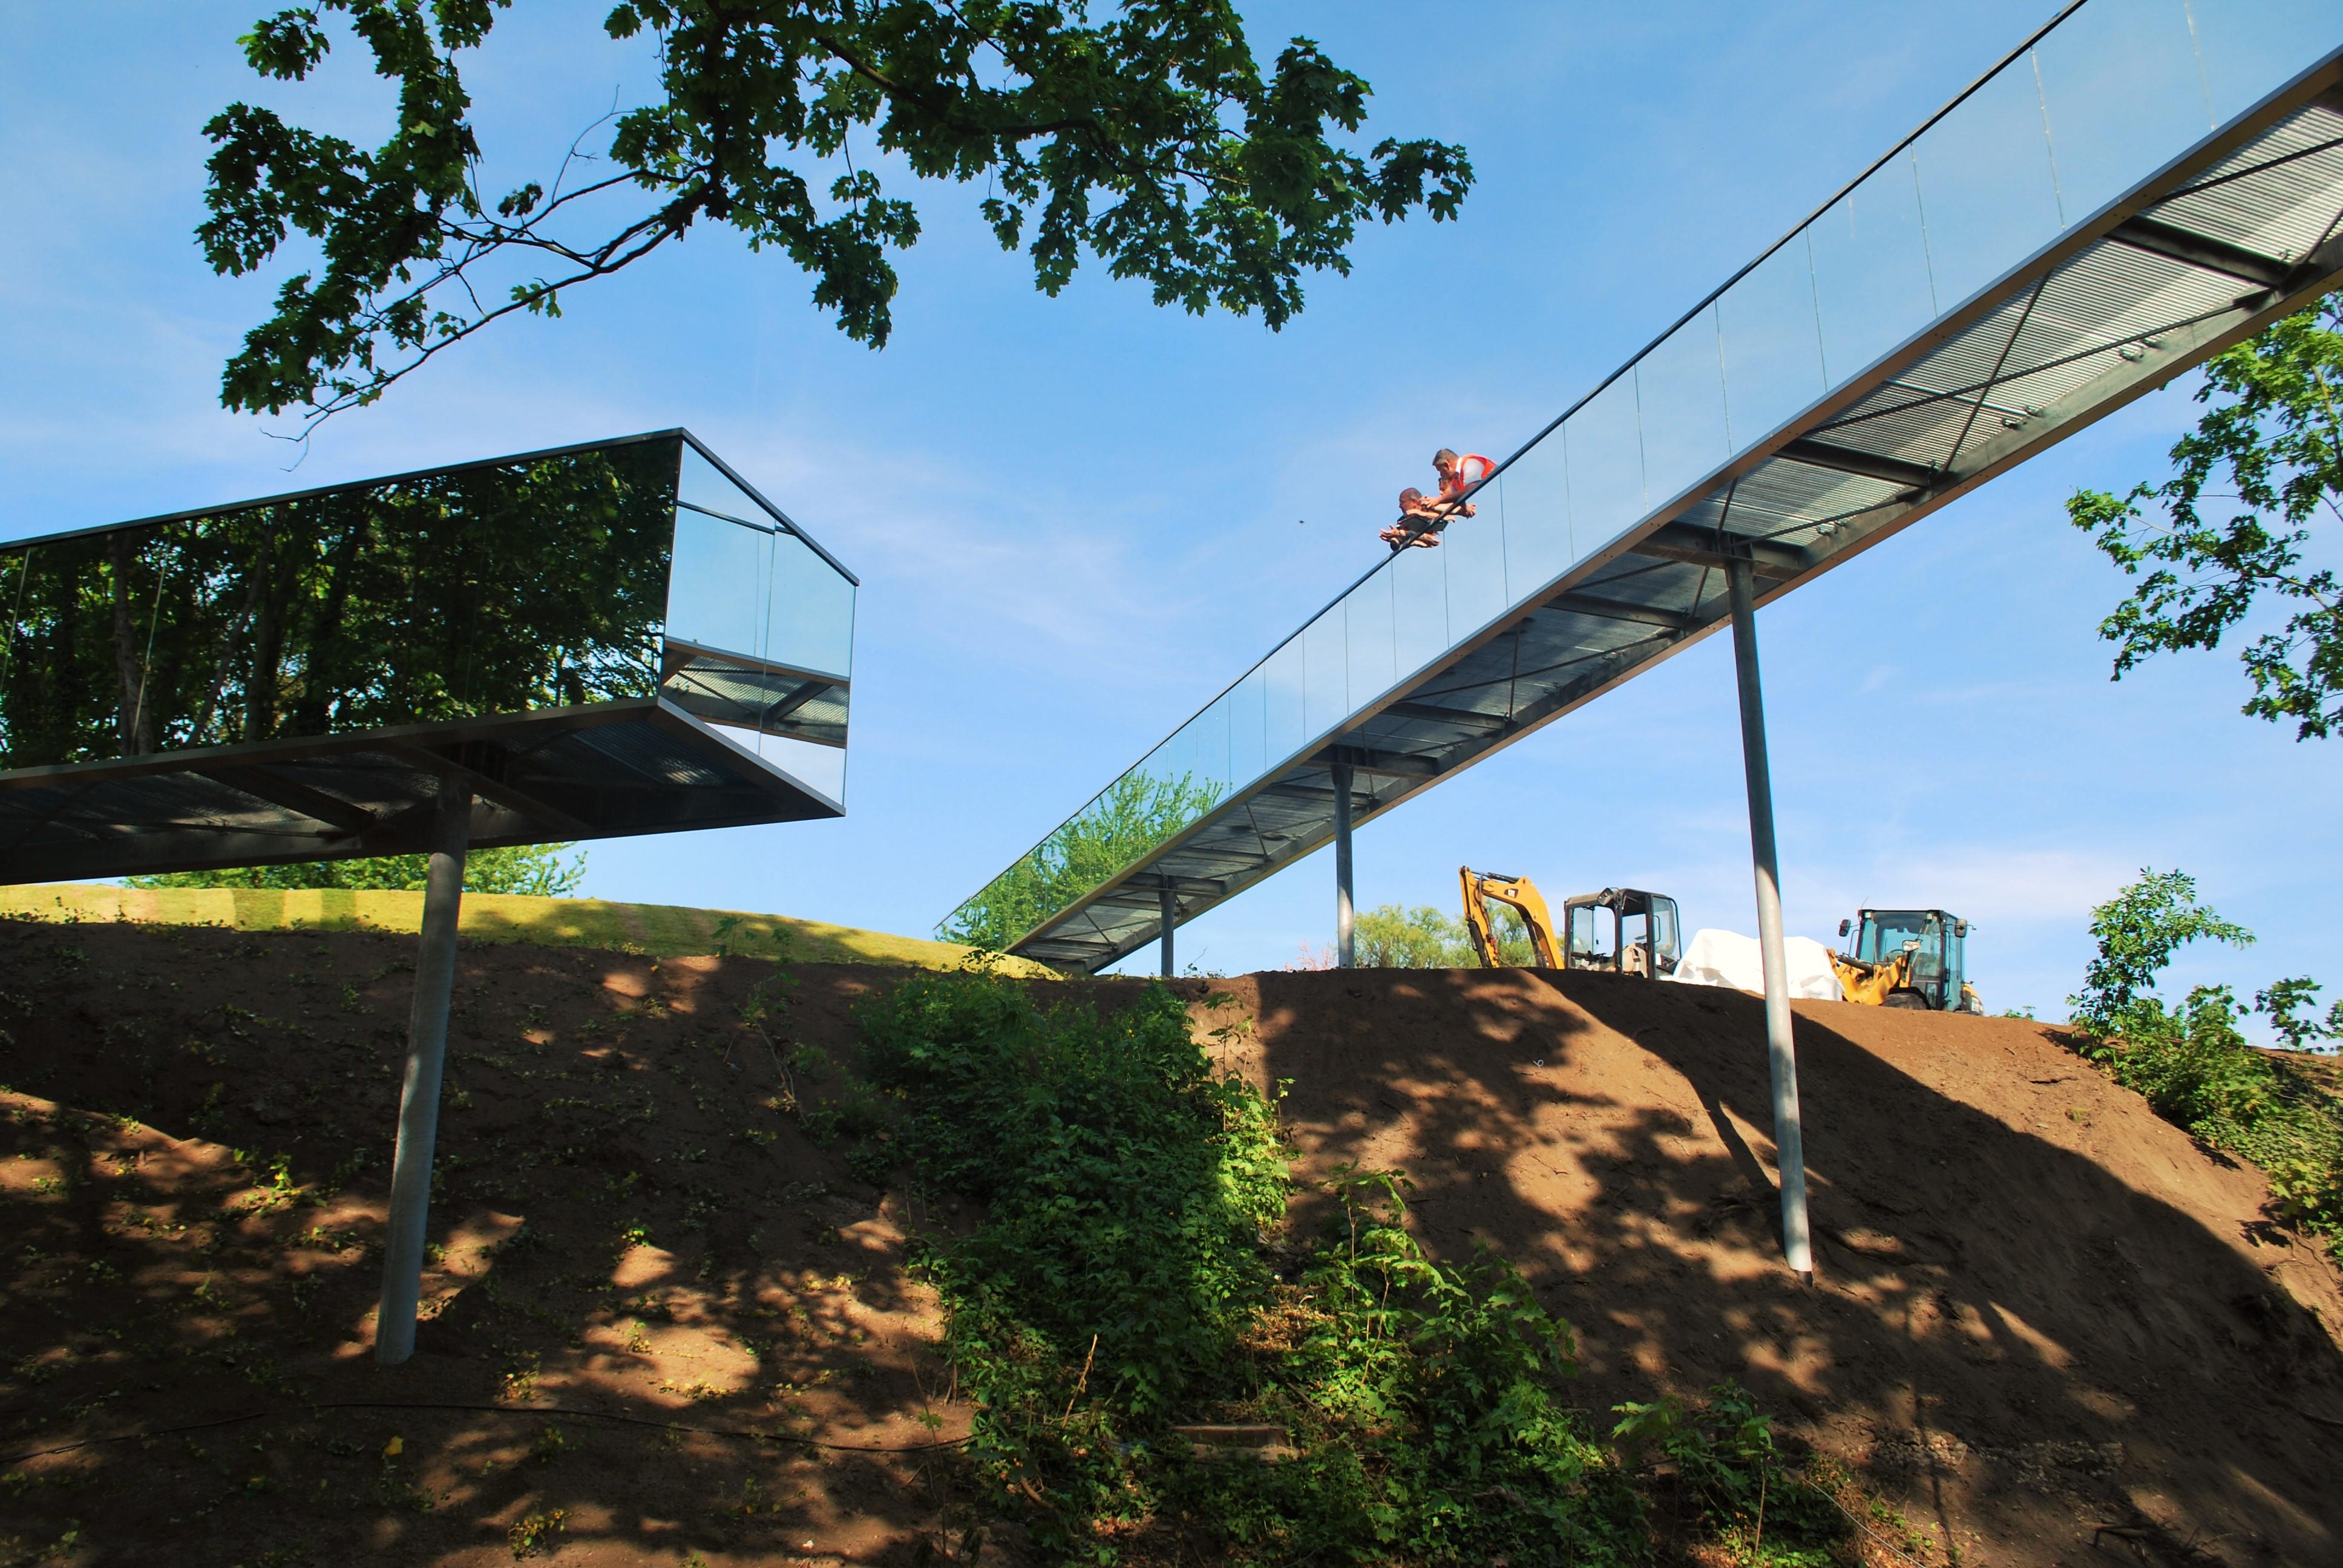 Spiegelstege Wittenberg Weltausstellung imagine structure Tragwerksplanung